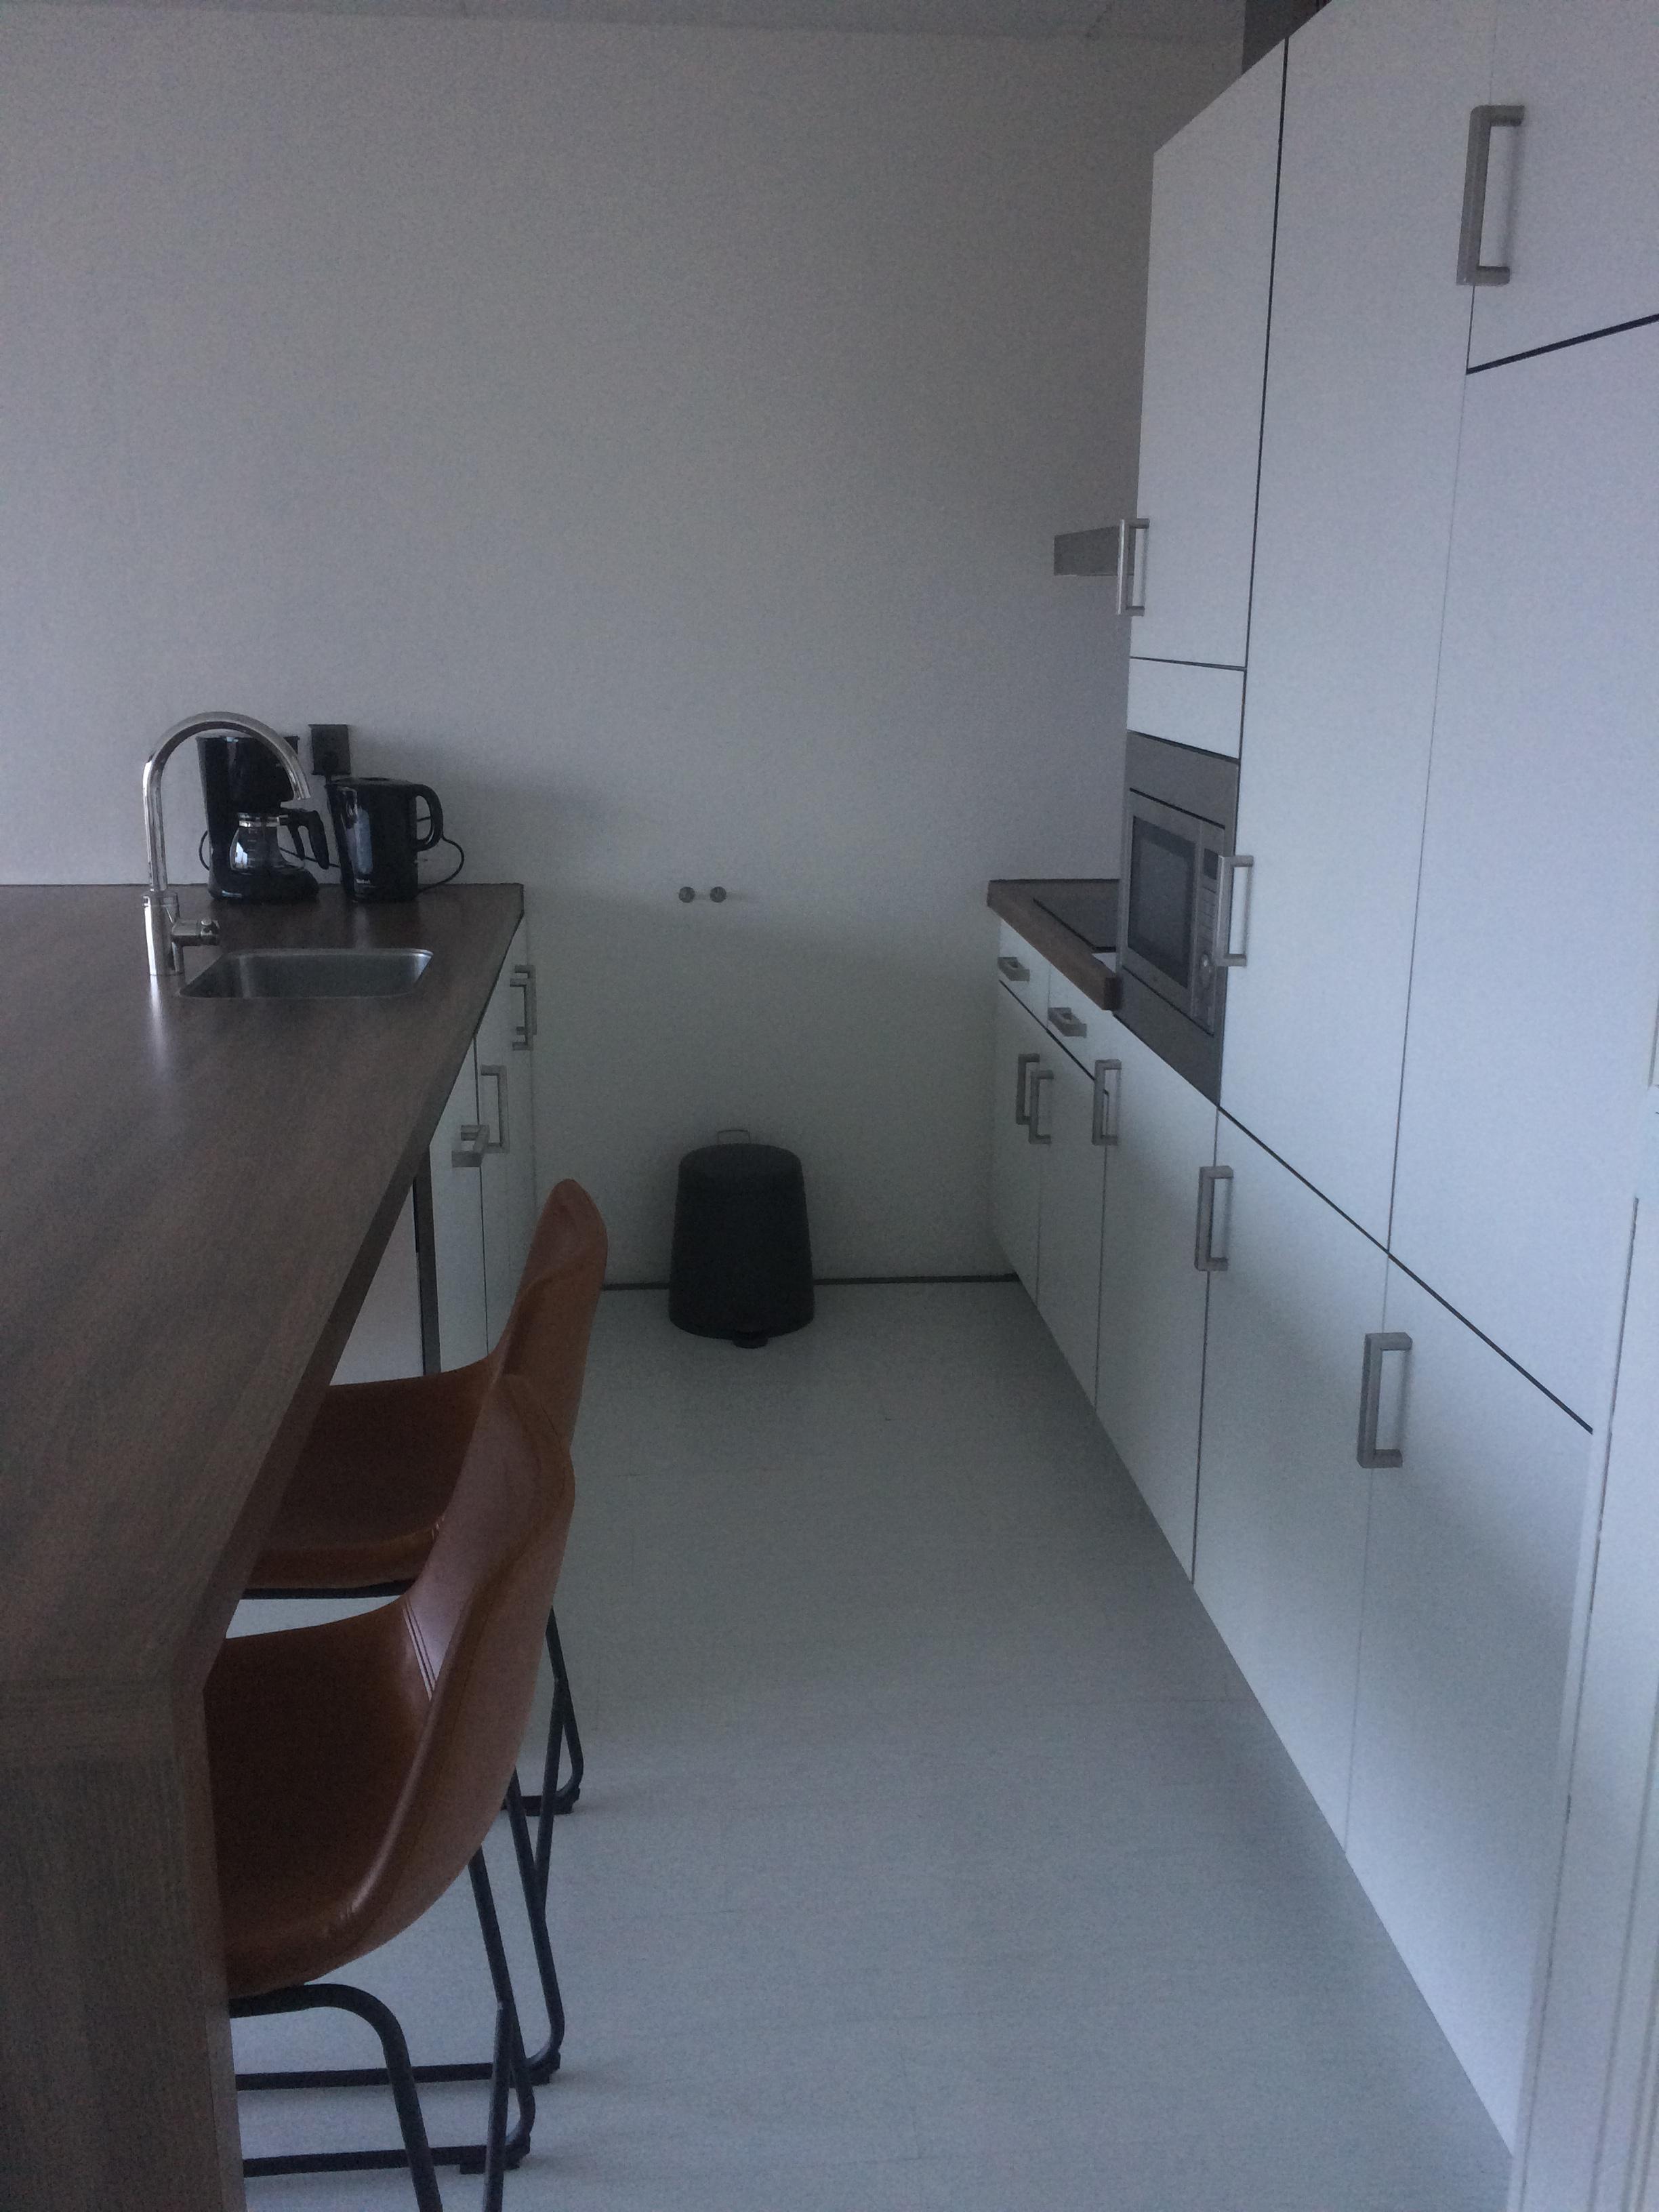 Te huur 2053 modern 2 kamer appartement in het centrum van enschede twents vast enschede - Center meubilair keuken ...